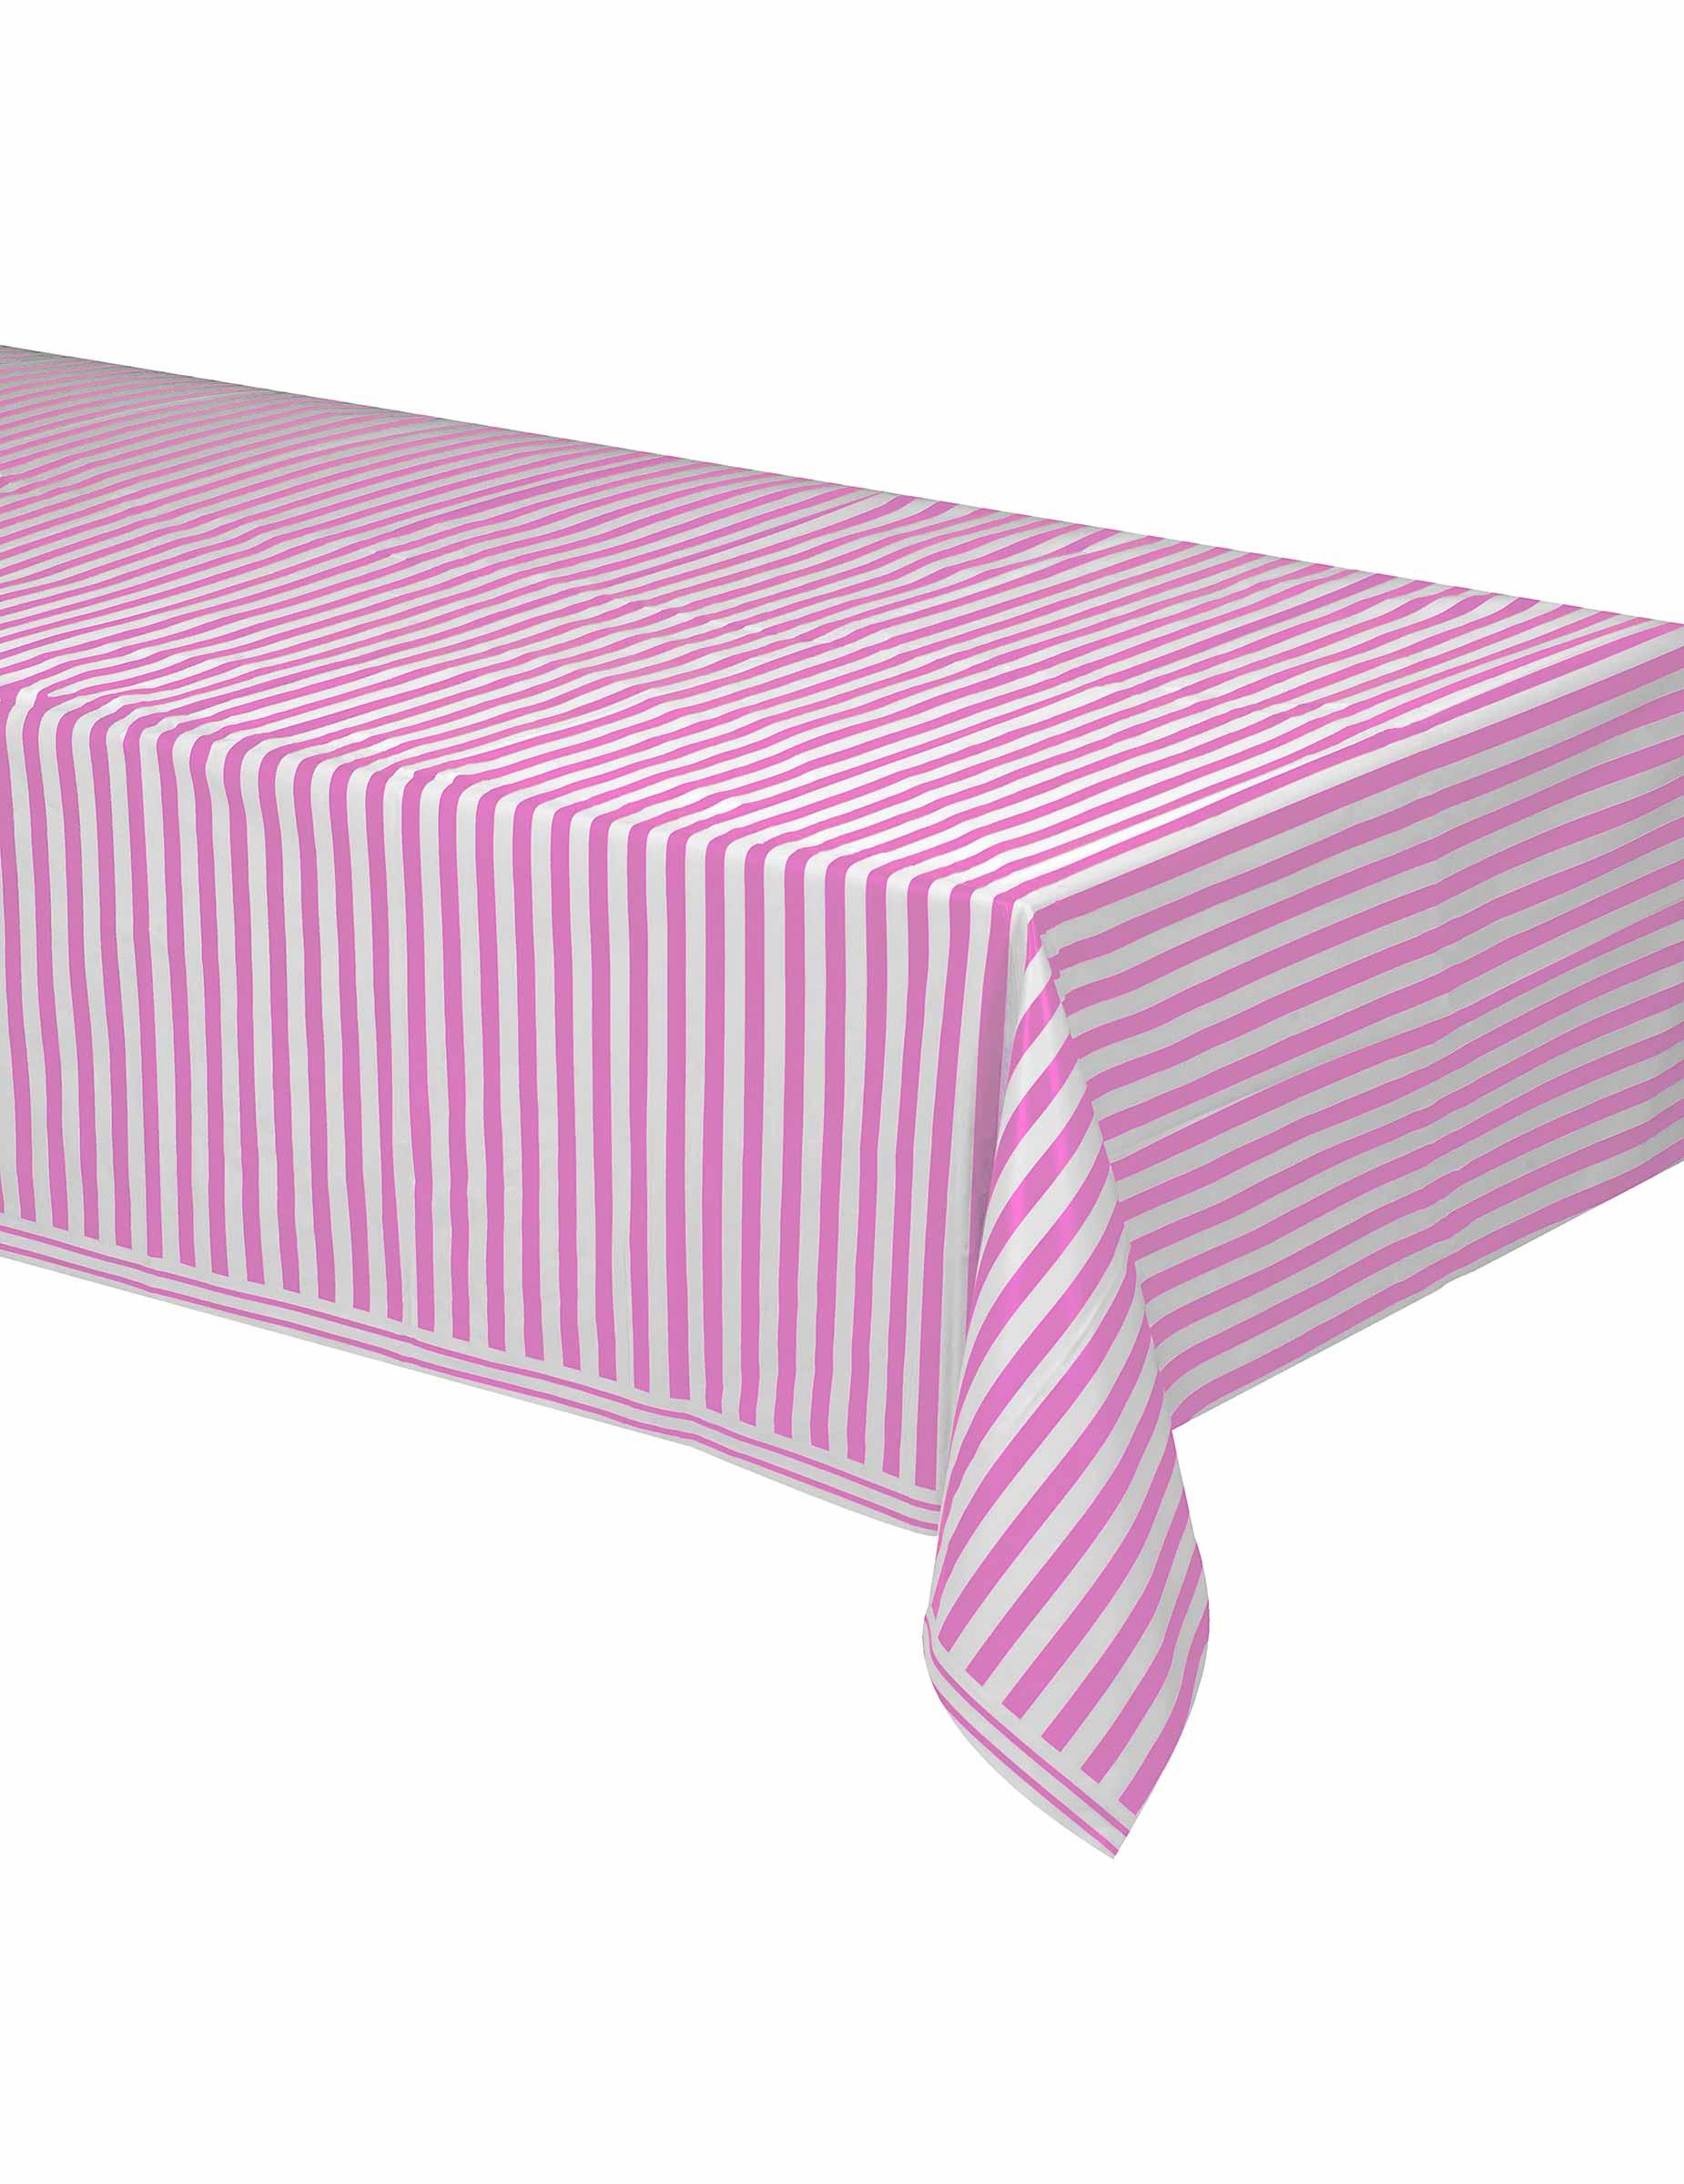 nappe plastique ray e rose et blanc 137 x 274 cm d coration anniversaire et f tes th me sur. Black Bedroom Furniture Sets. Home Design Ideas